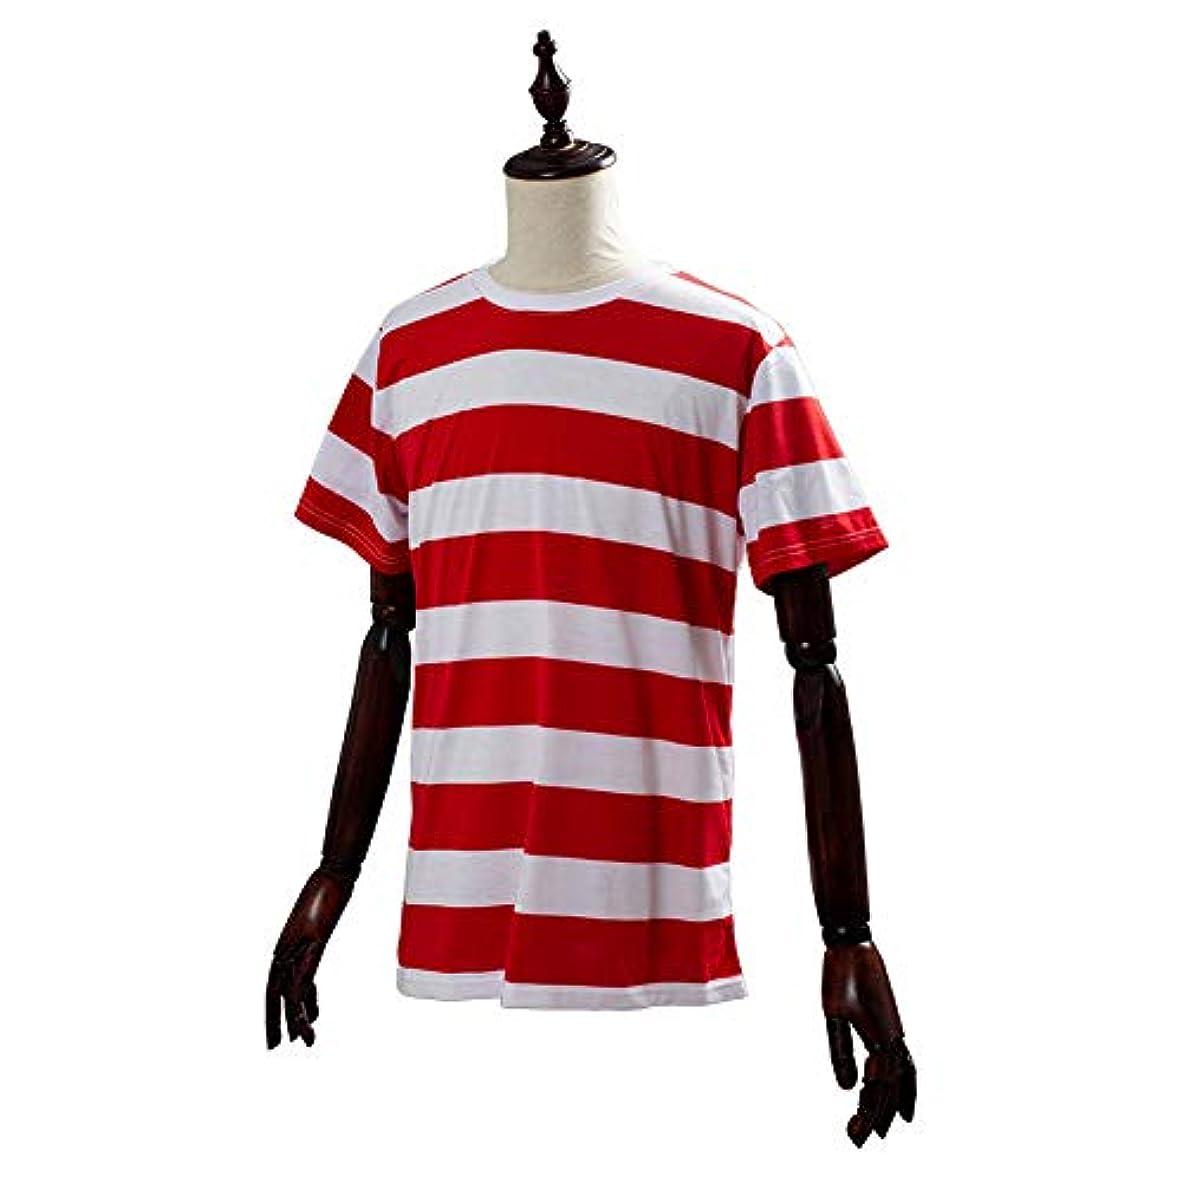 溶ける識別するエジプト人mesvcos ハロウィン コスプレ ウォーリーを探せ コスプレ Tシャツ メンズ Where's Wally 上着だけ 男 女 衣装 仮装 コスチューム 大人用 パーティー クリスマス ハロウィン L